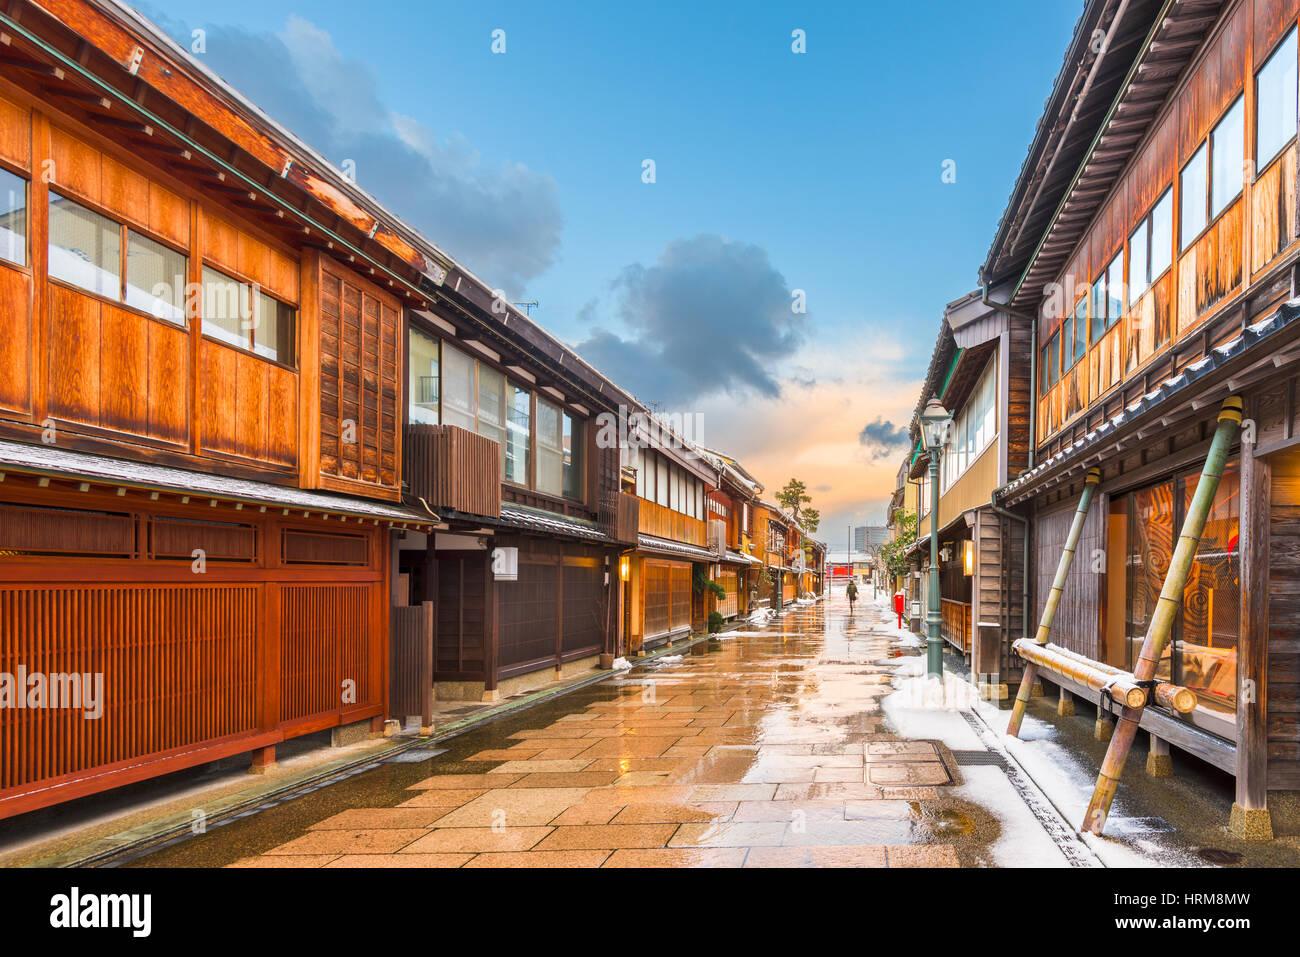 Kanazawa, Japón, en el histórico distrito Nishi chaya en el invierno. Imagen De Stock